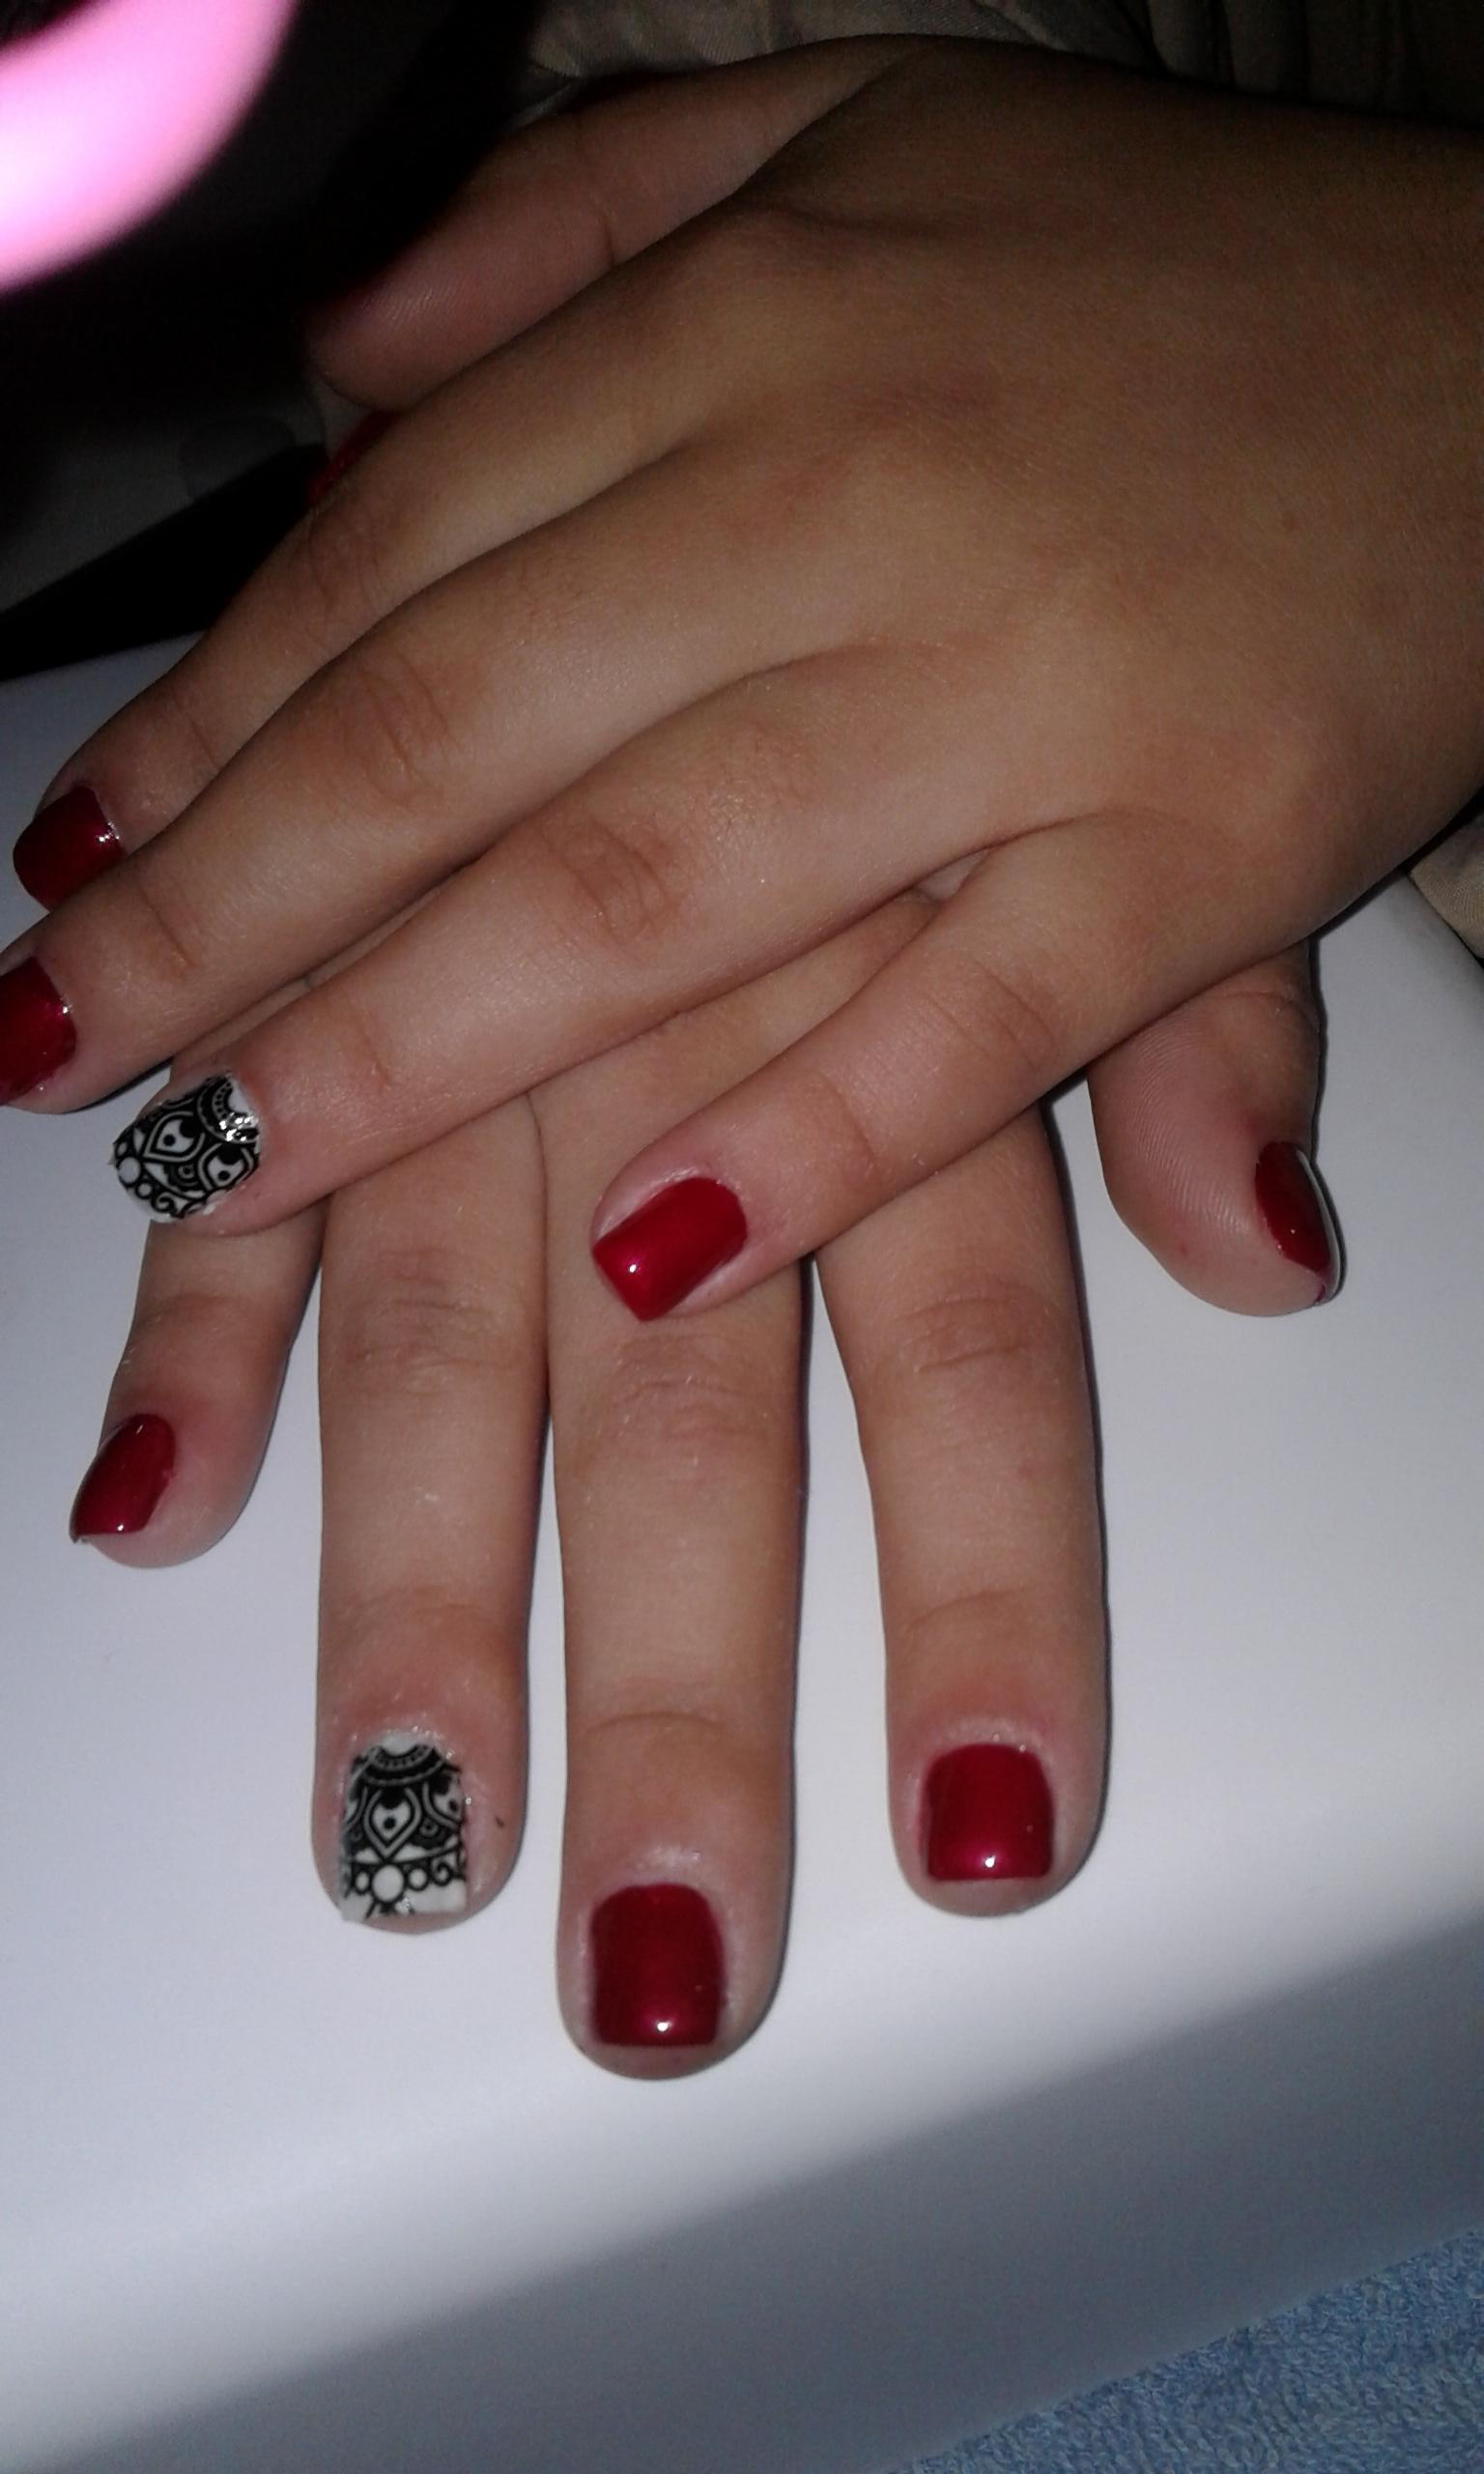 unha manicure e pedicure auxiliar cabeleireiro(a)